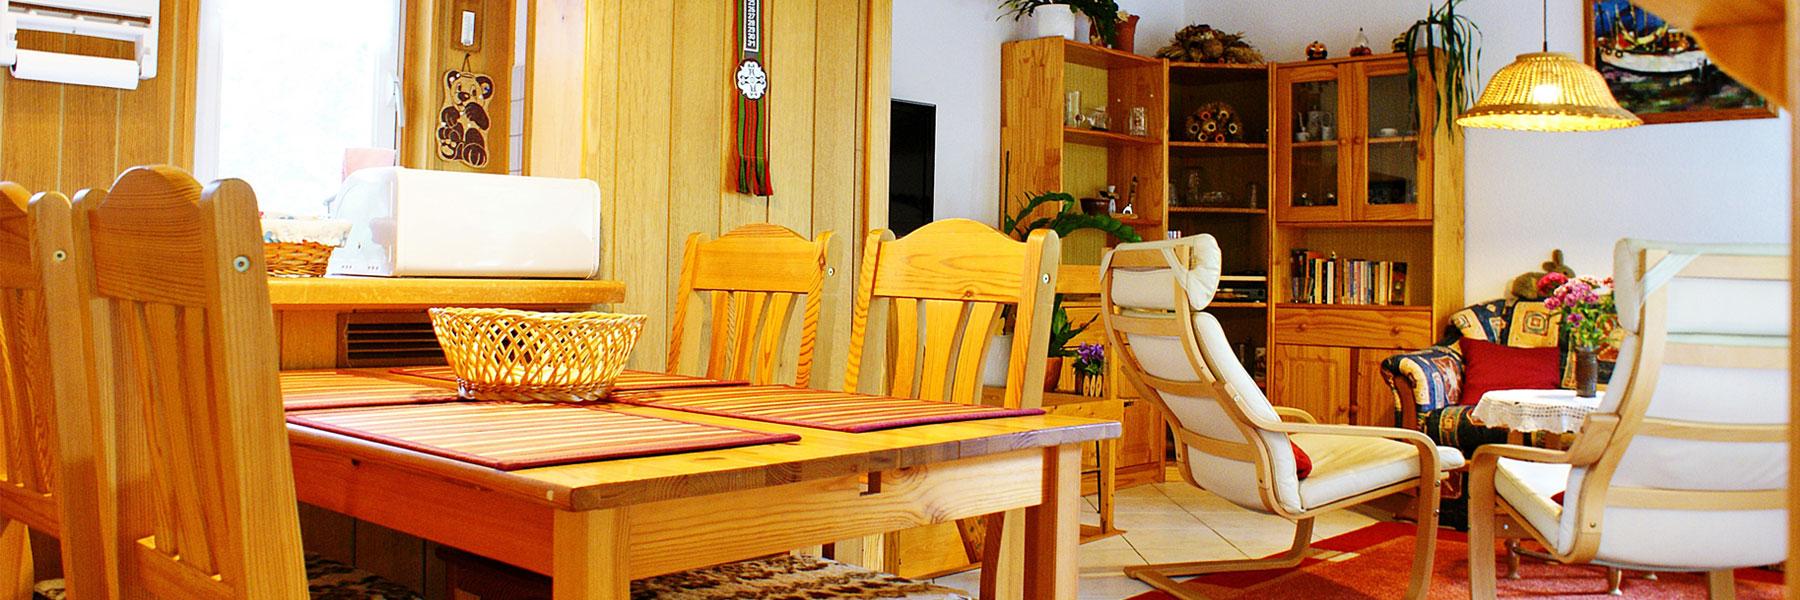 Wohnzimmer - Ferienhaus Familie Hauß